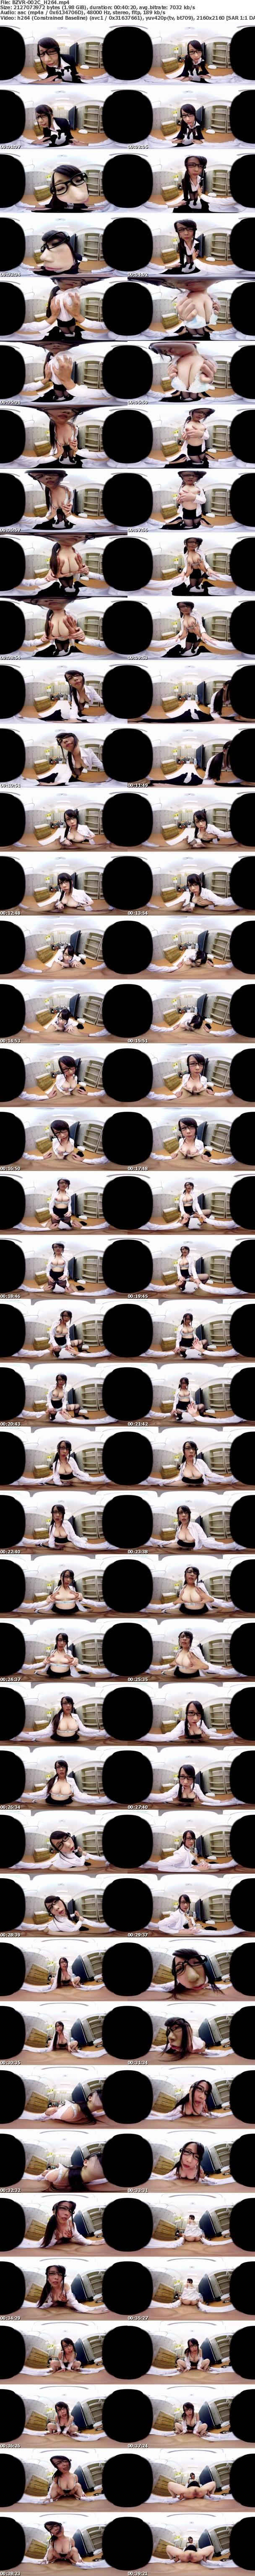 VR/3D BZVR-002 【VR】長尺VRエロい女教師と女子校生だらけのVR学園スペシャル!この学園は'校則なし'で'不純異性交遊'を奨励中!! 二階堂ゆり・枢木あおい・玉木くるみ・紗藤まゆ